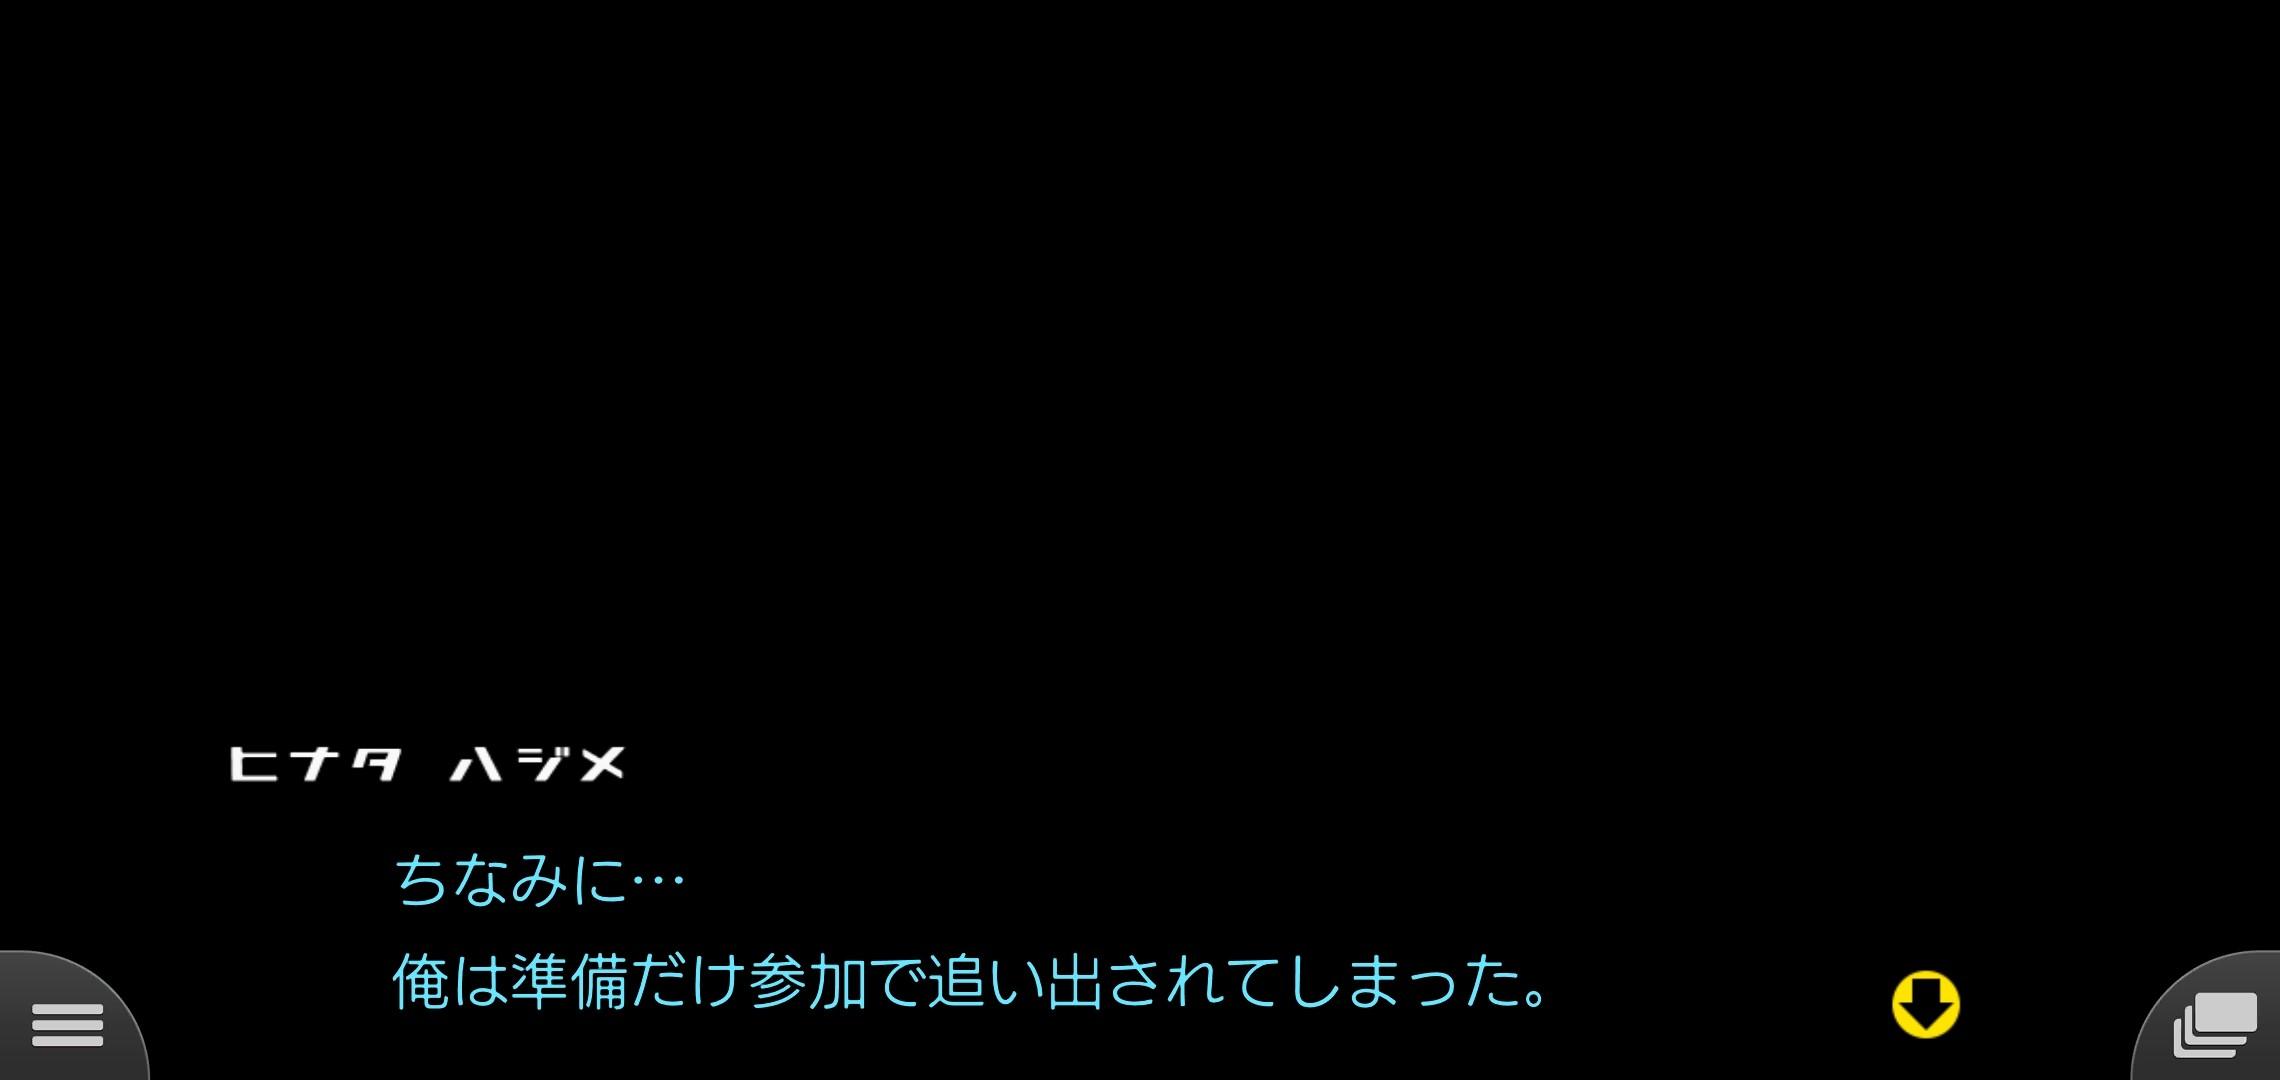 f:id:Rinburu:20201213211310j:plain